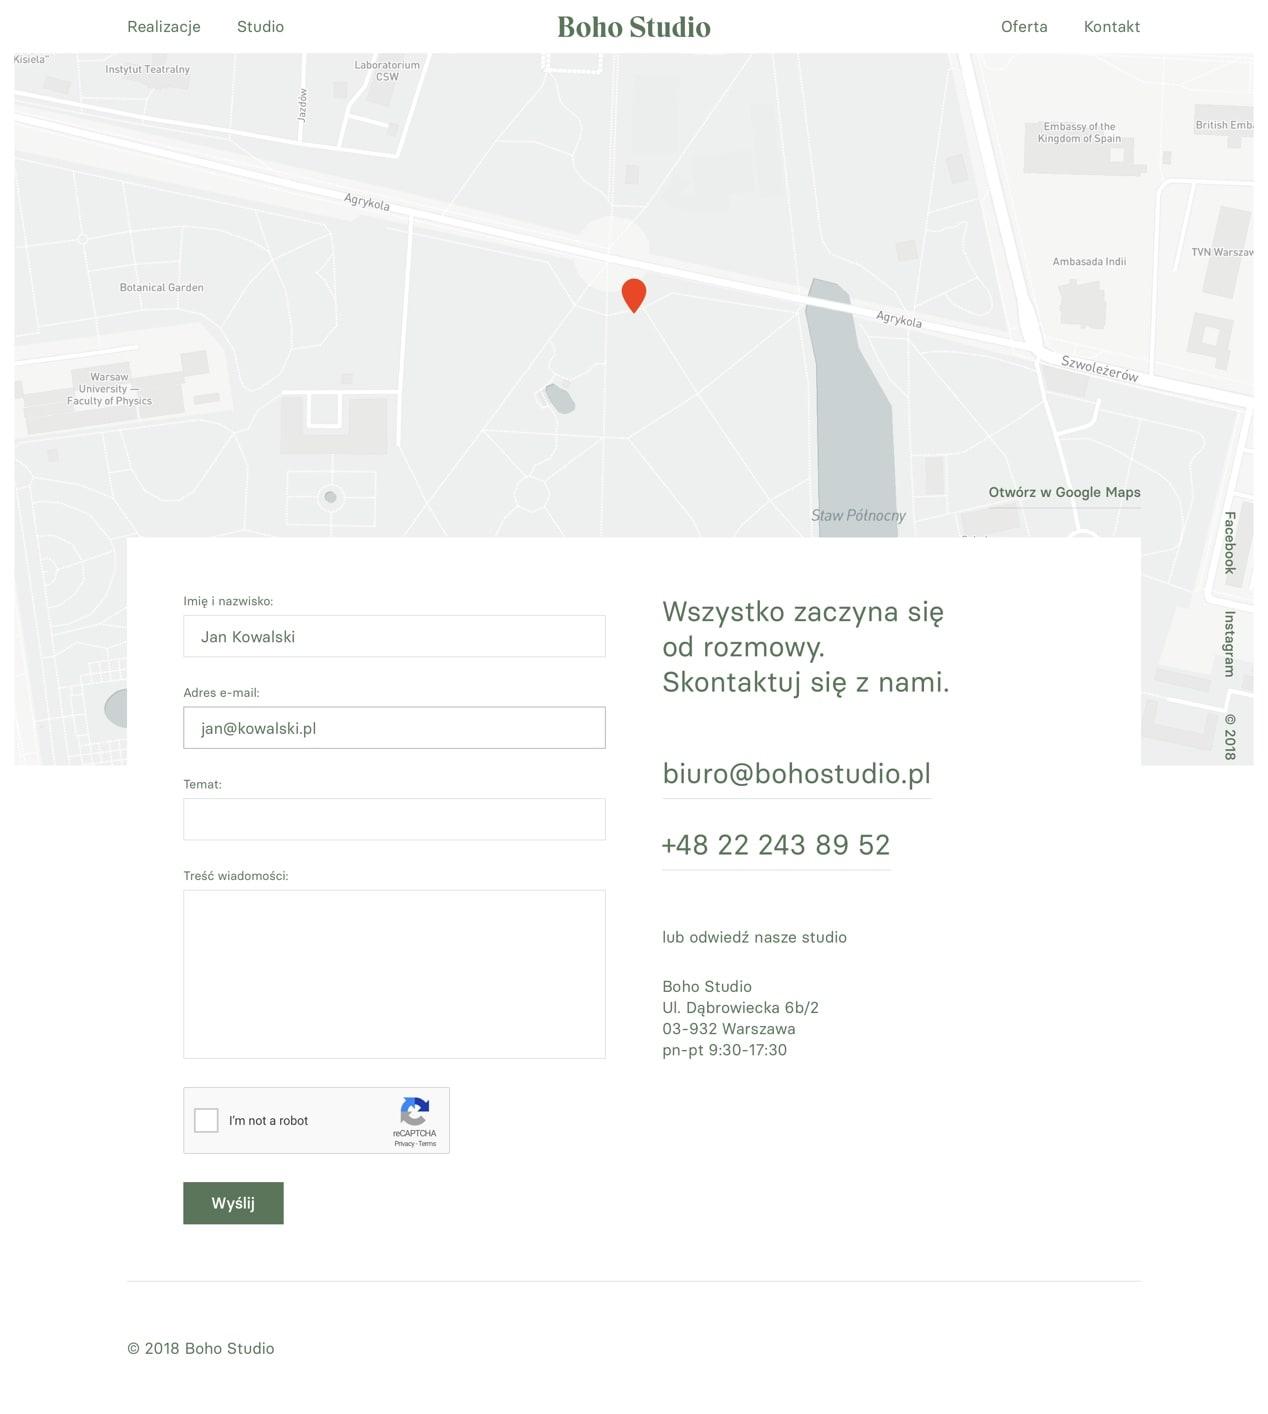 Boho Studio by Maciej Mach - UI/UX designer / Poland / Poznań